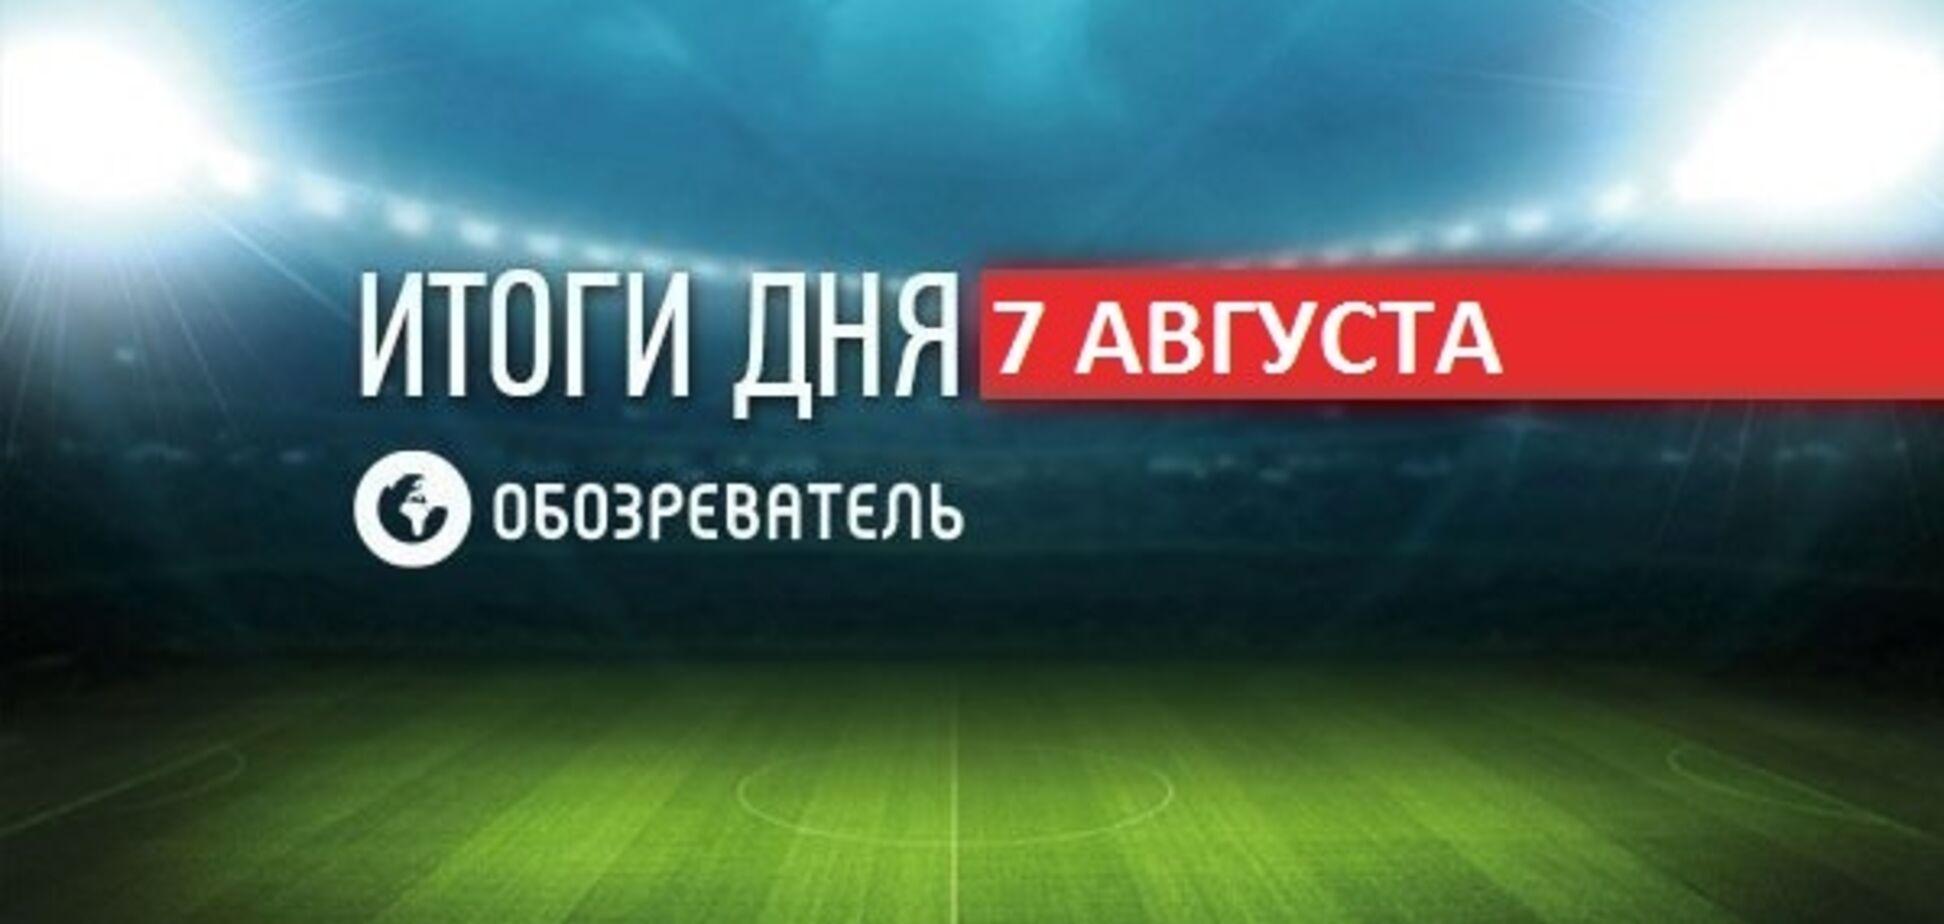 Ярош обматюкав Усика: спортивні підсумки 7 серпня